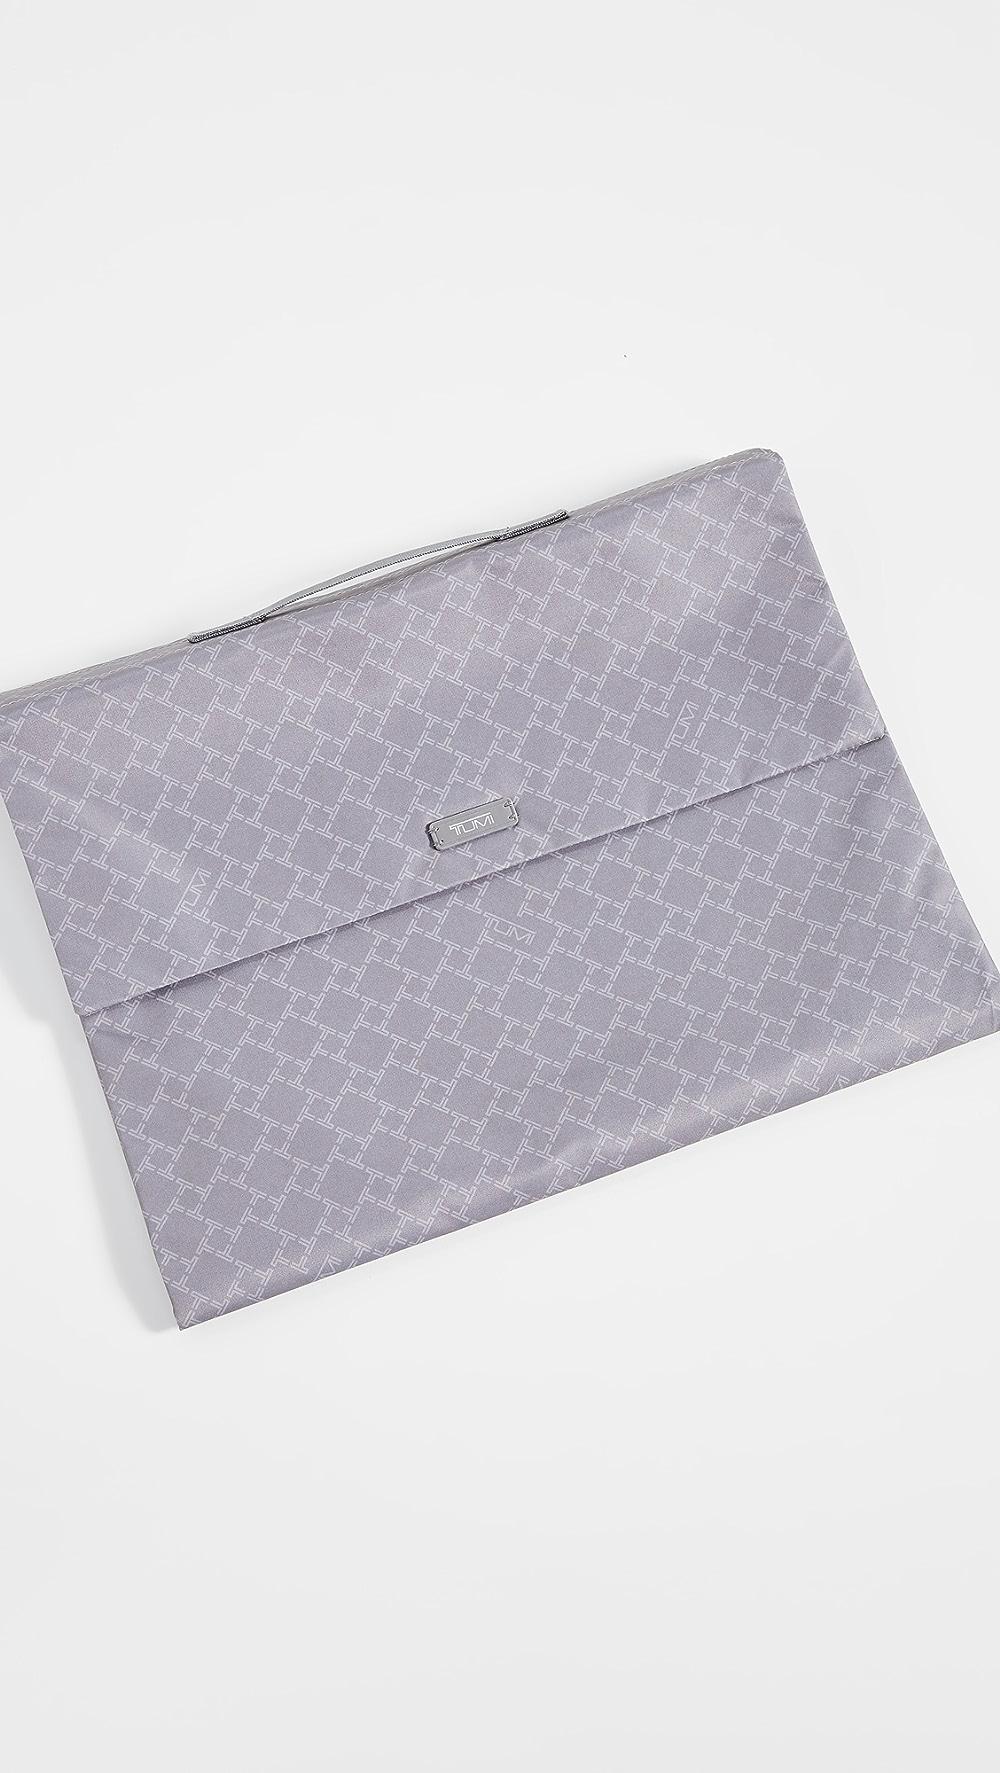 Careful Tumi - Medium Flat Folding Pack Easy To Use